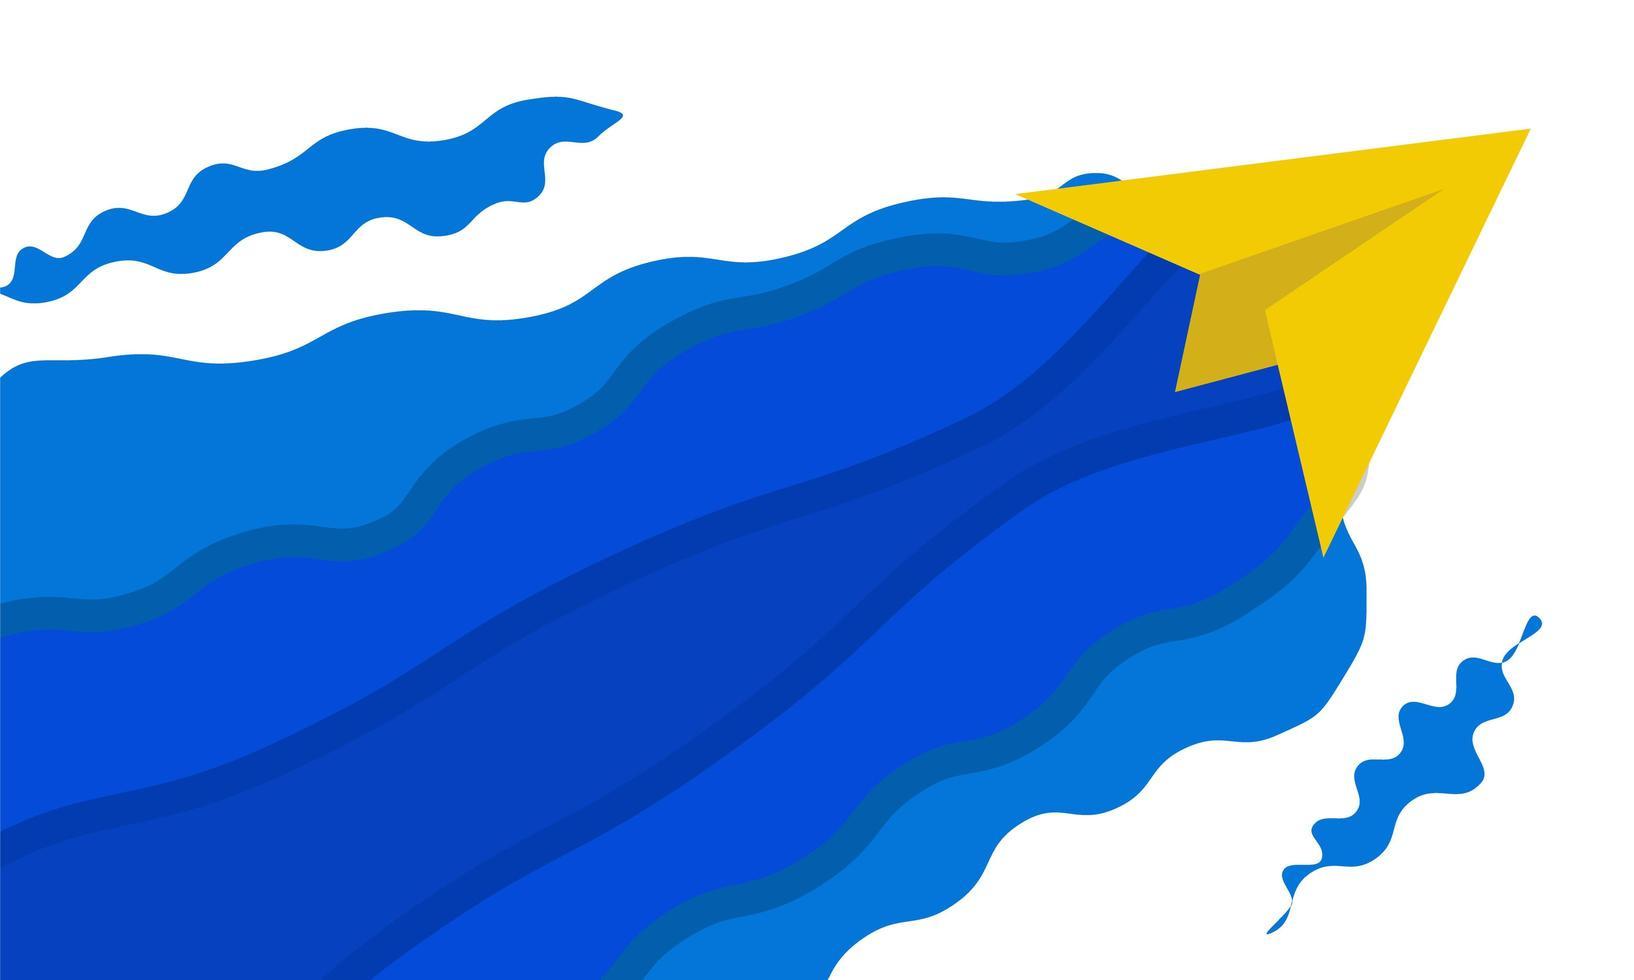 aereo di carta gialla con onde blu astratte vettore